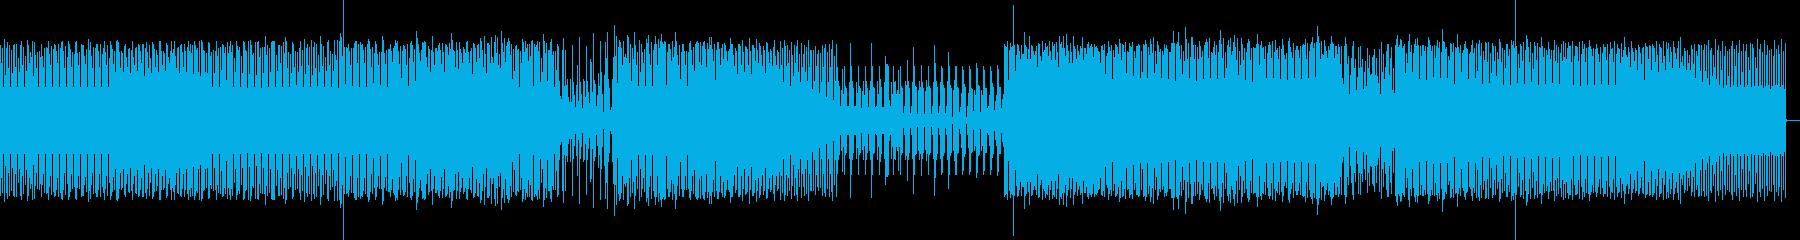 ダークな感じのミニマルテクノの再生済みの波形